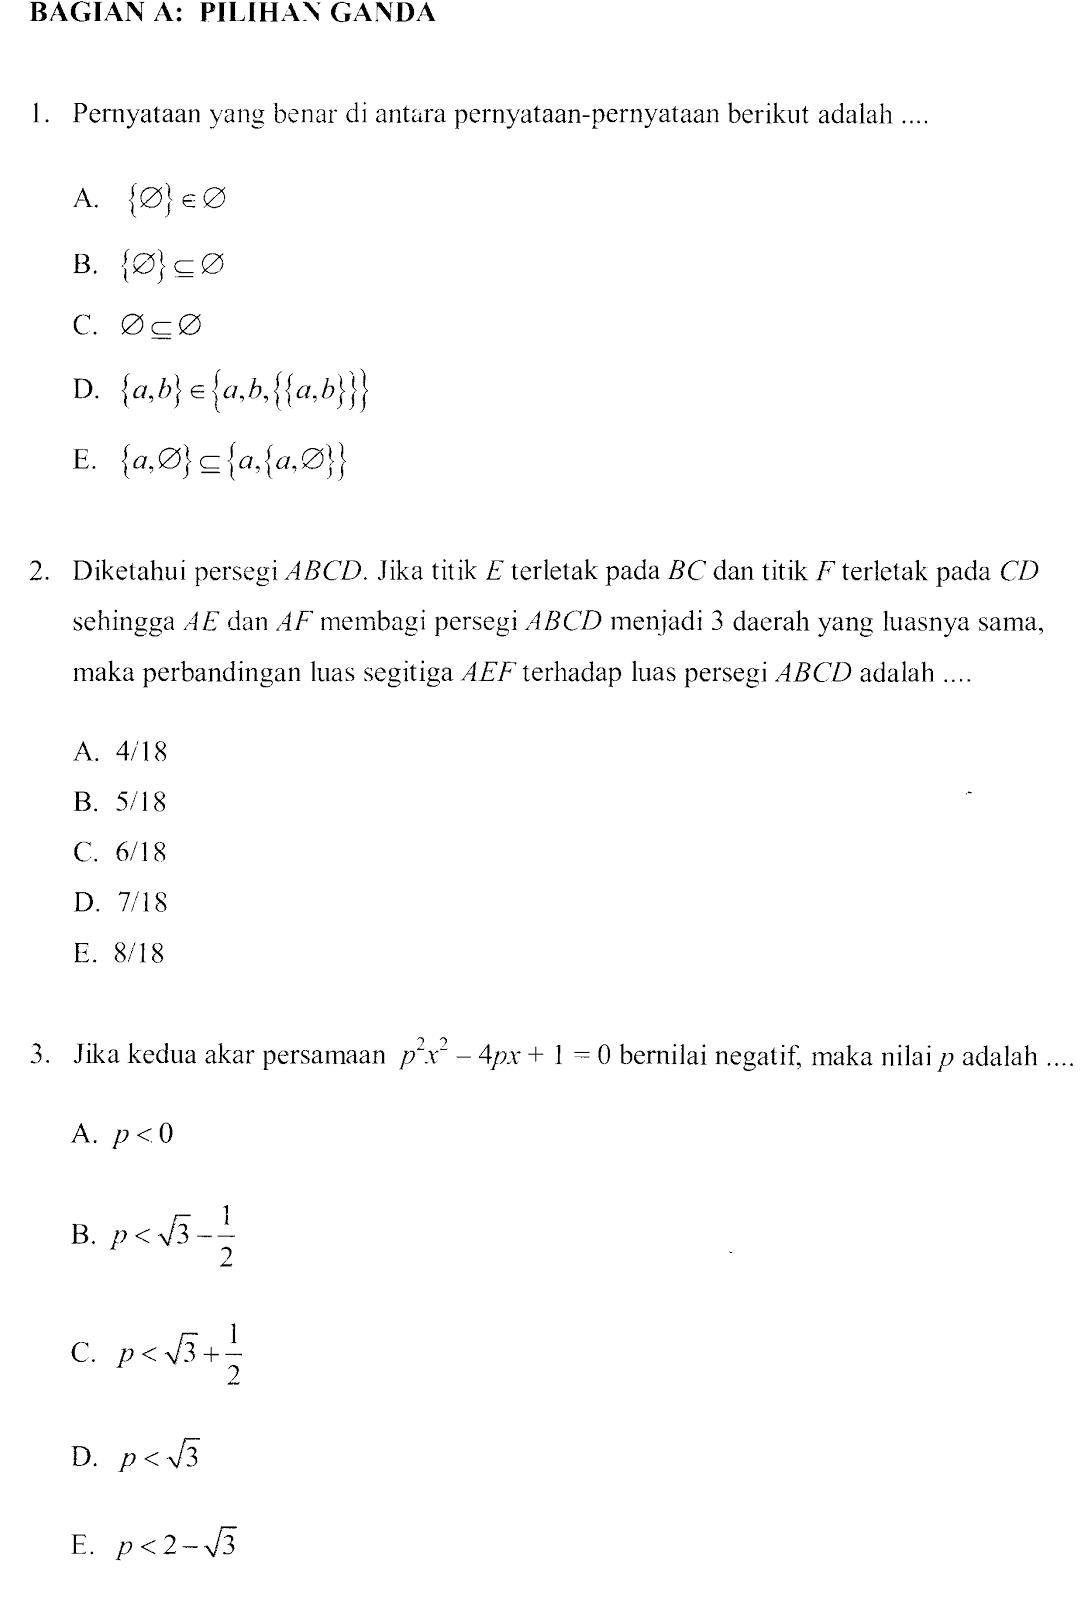 Contoh Soal Latihan Olimpiade Sains Nasional Matematika Smp Pendidikan Kewarganegaraan